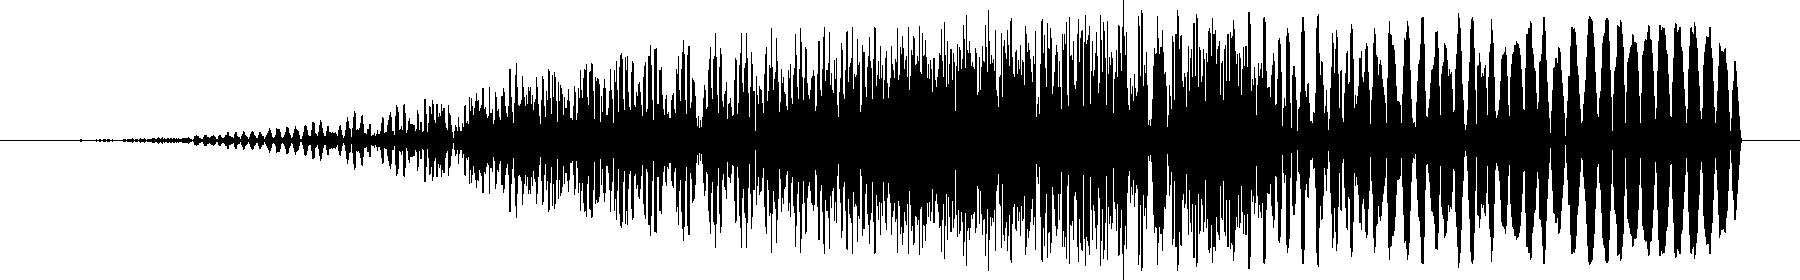 bass   008   g